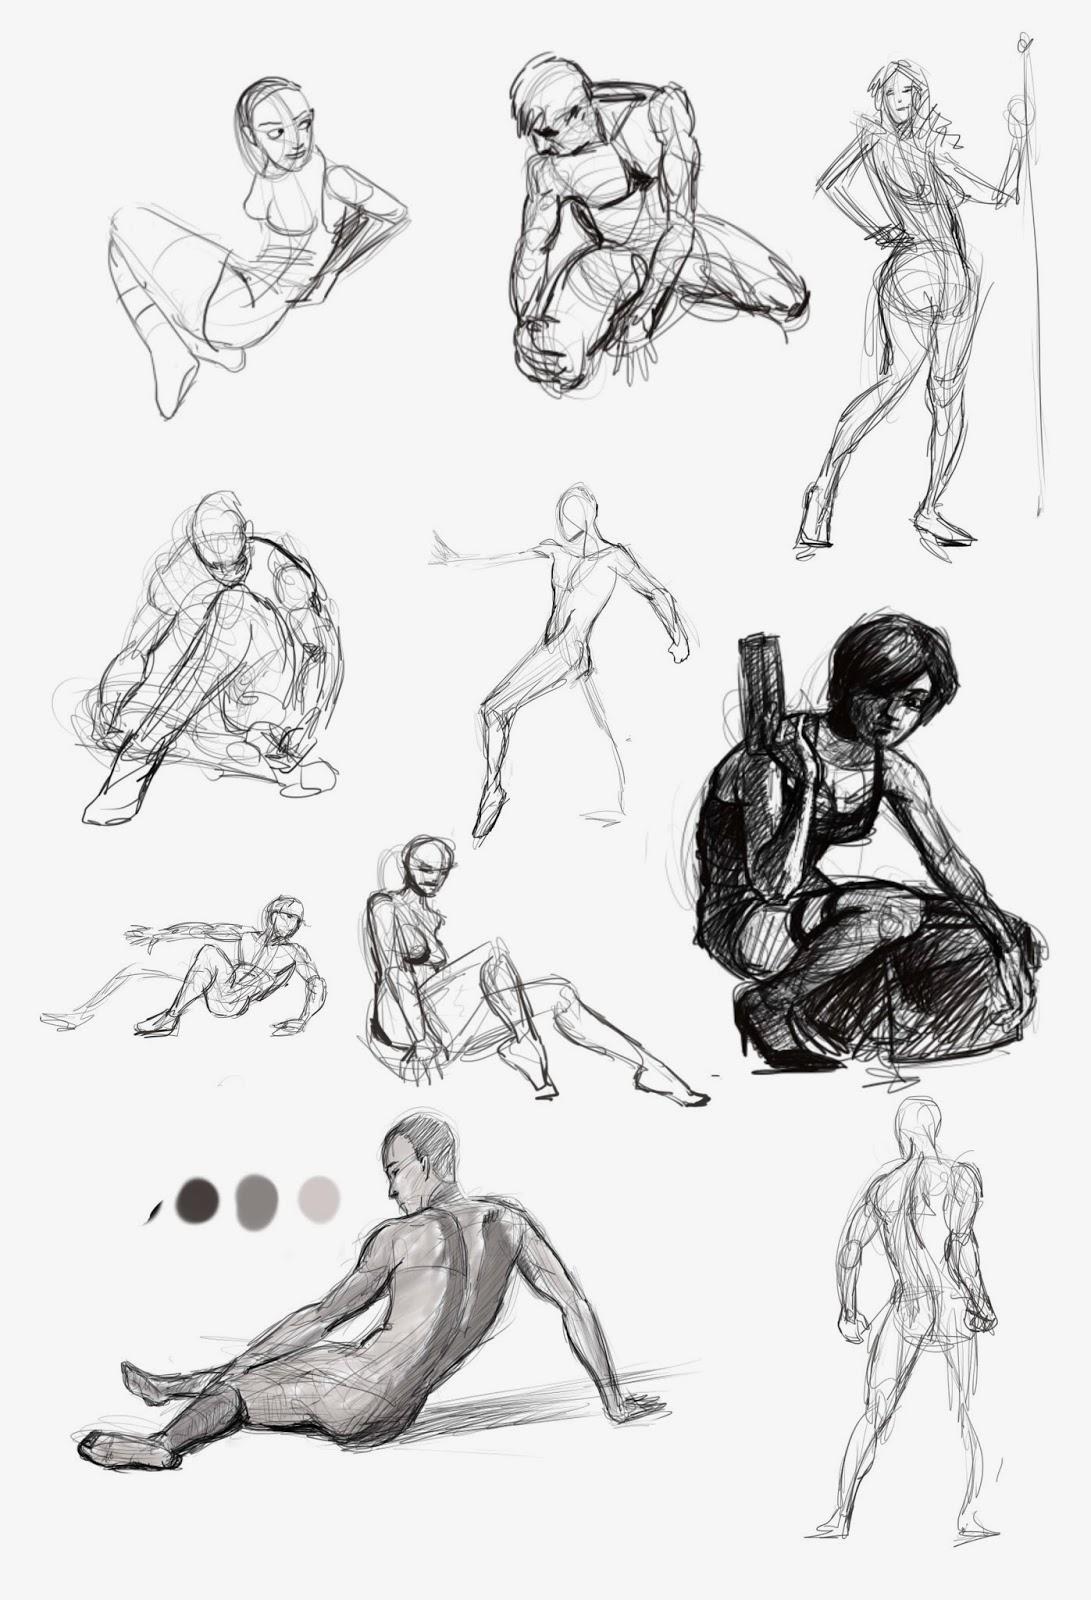 [Image: gestures+1.jpg]